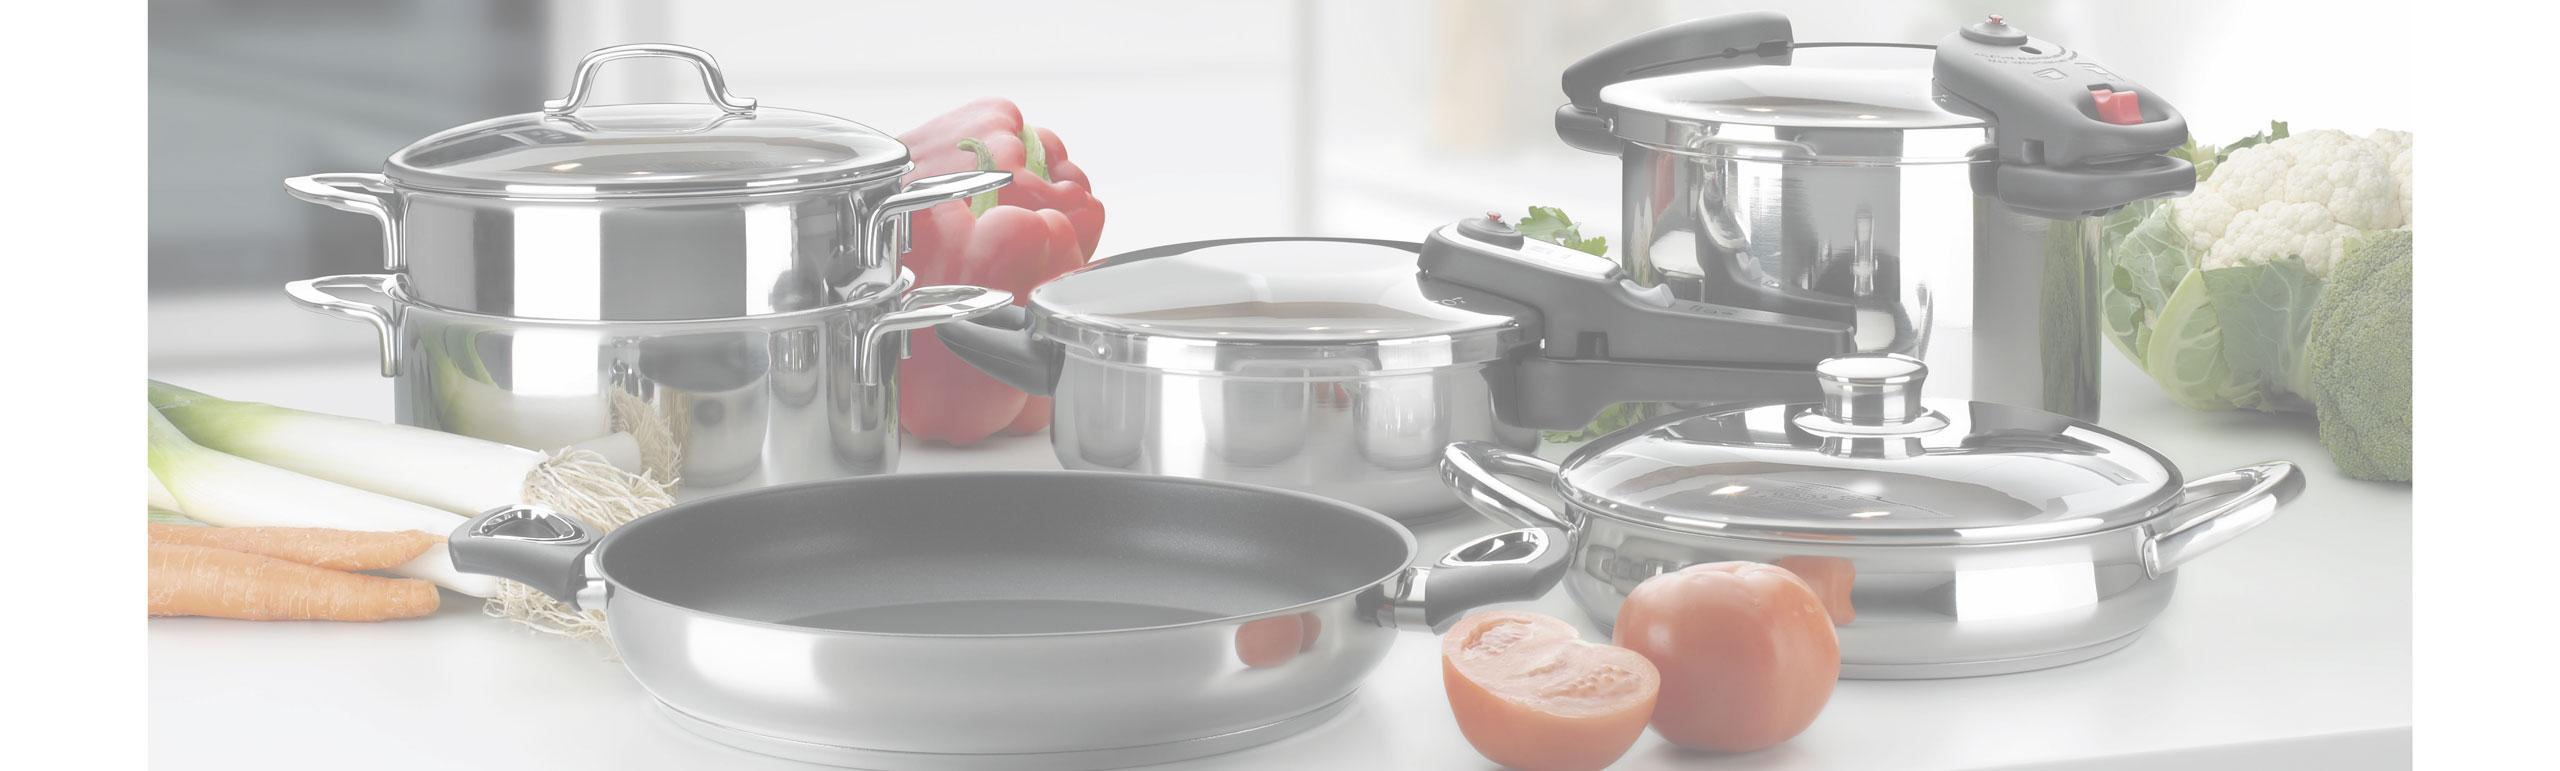 Menajeando utensilios de menaje cocina y reposter a for Cocina y reposteria